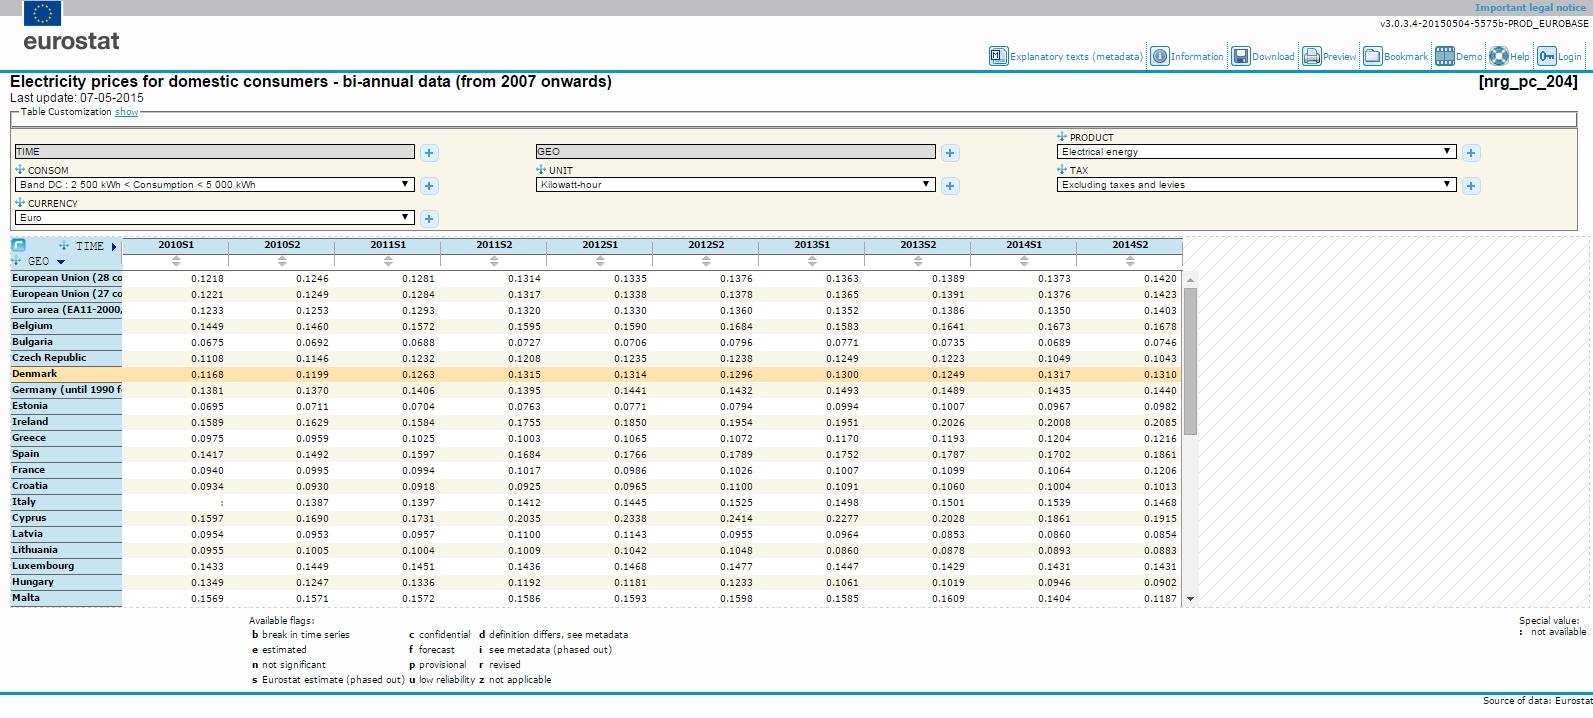 precios electricidad consumidores domesticos europa